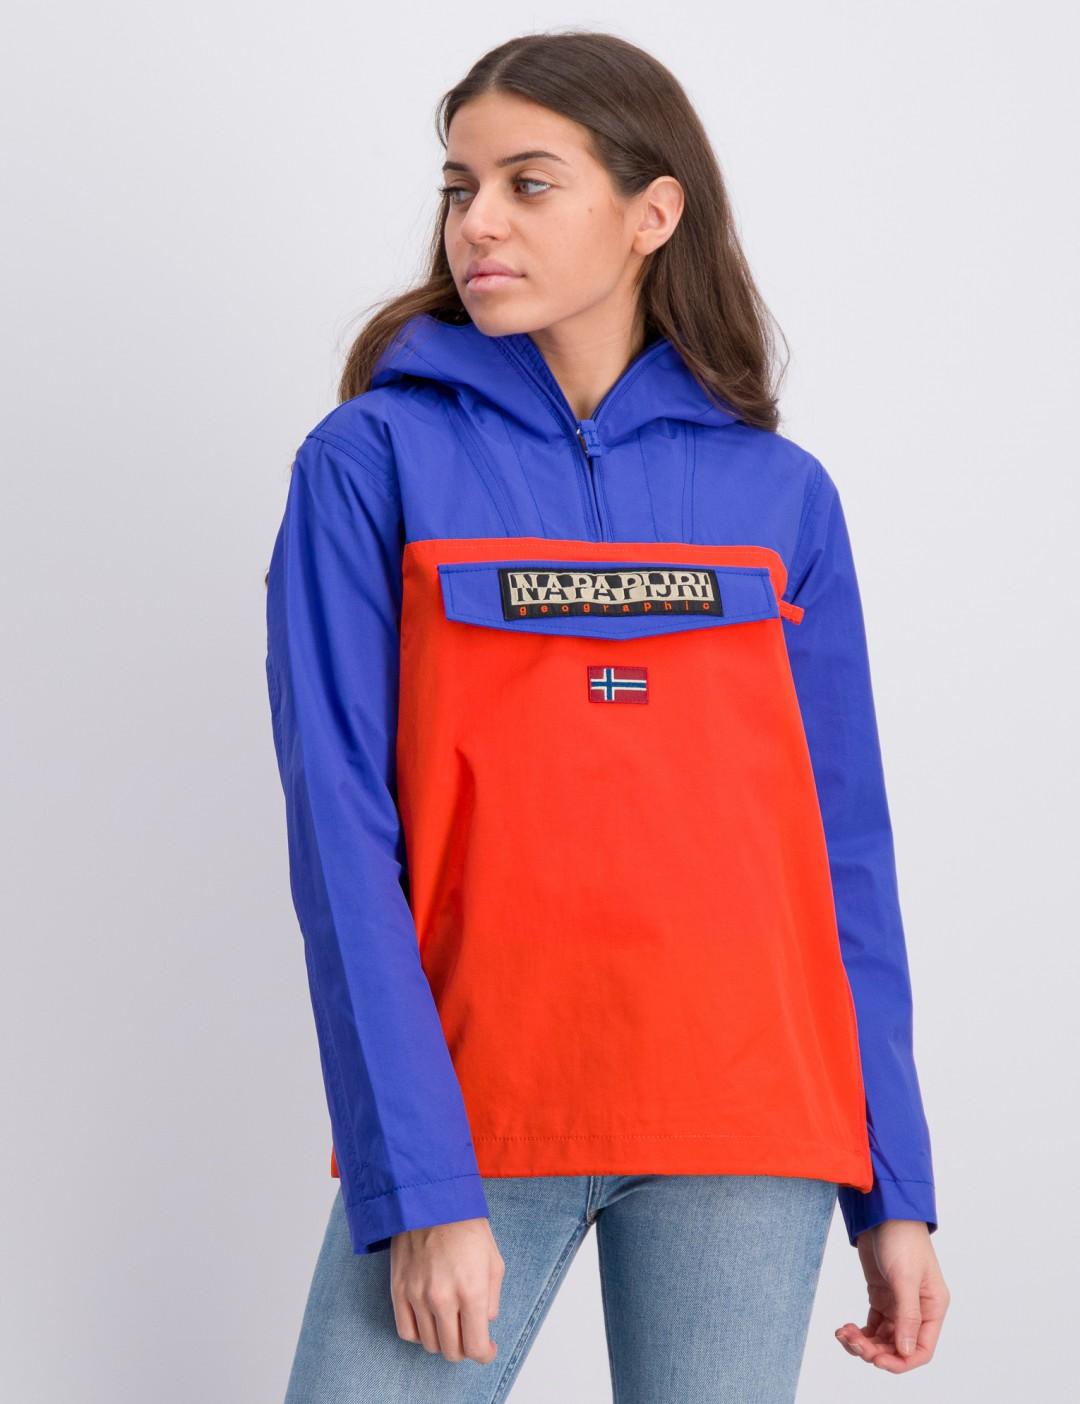 Napapijri Streetwear Jackor för män i våran online shop